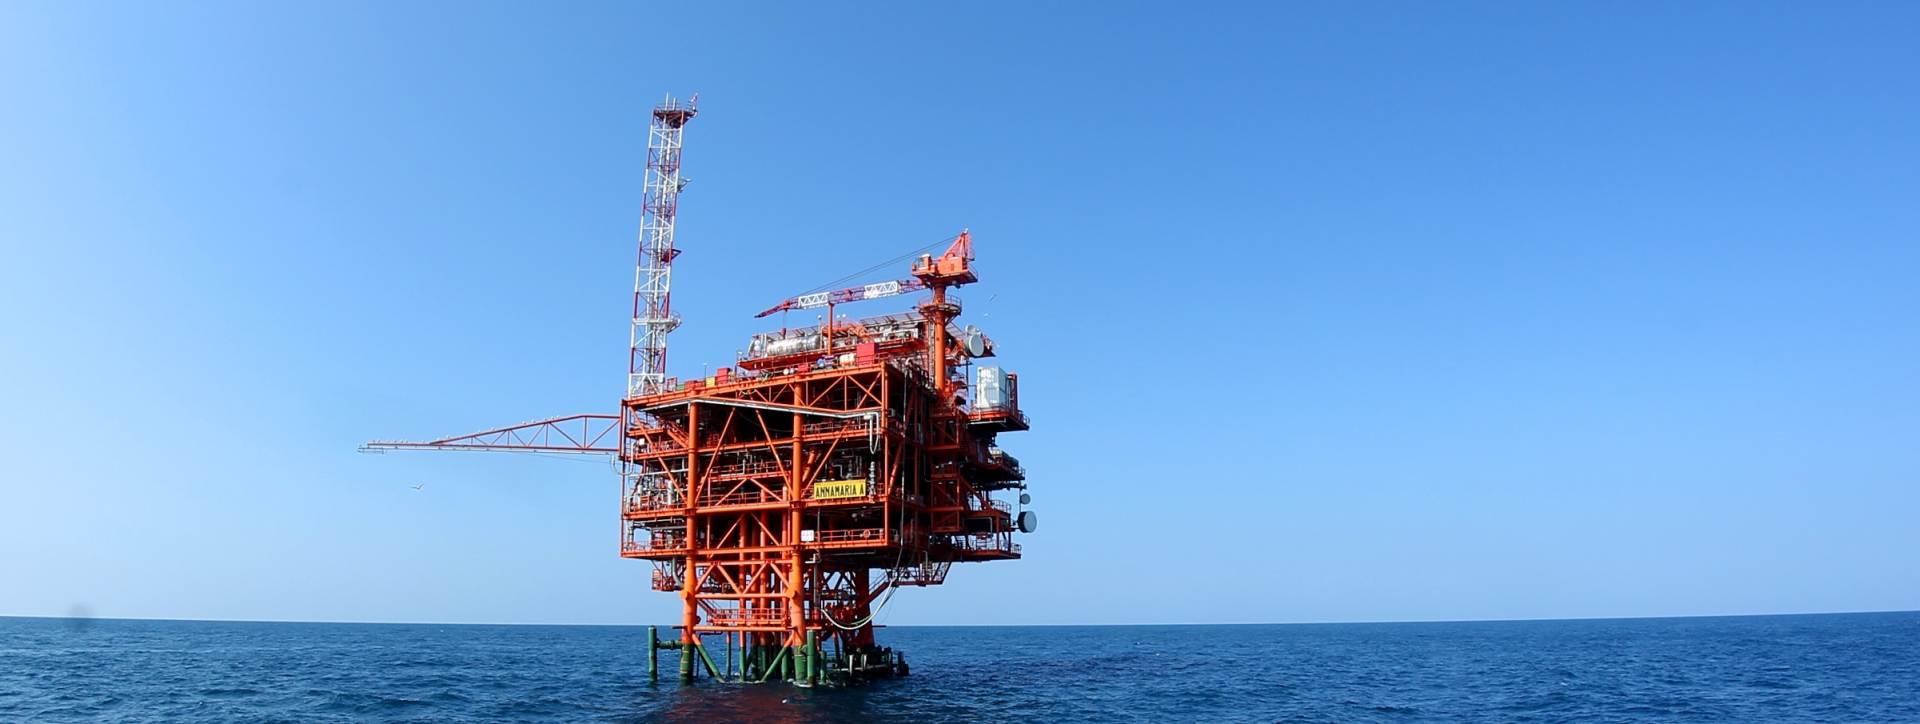 DOVOLJNO ZA NEKOLIKO DESETLJEĆA: U Egiptu otkriveno najveće nalazište plina u Sredozemlju